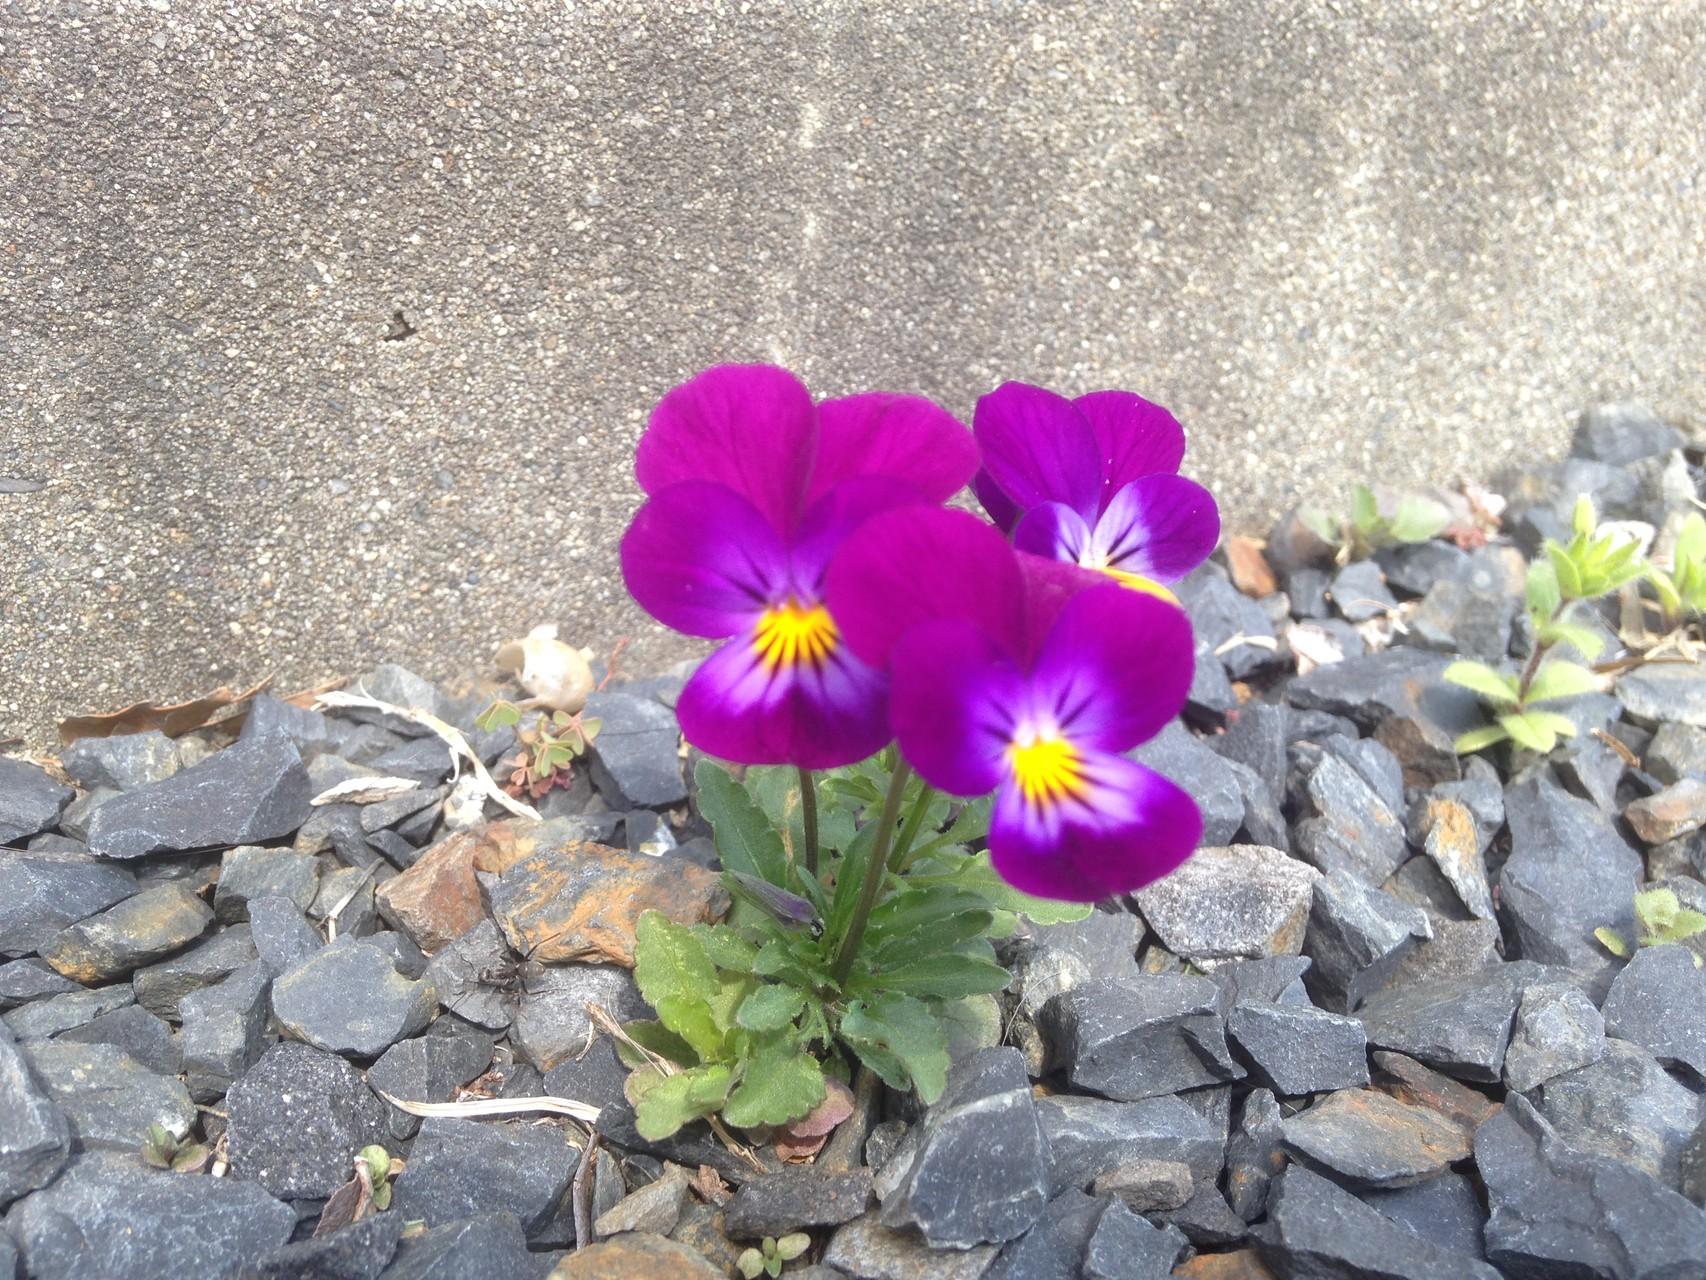 春になると庭にはたくさんのスミレの花が咲き誇ります